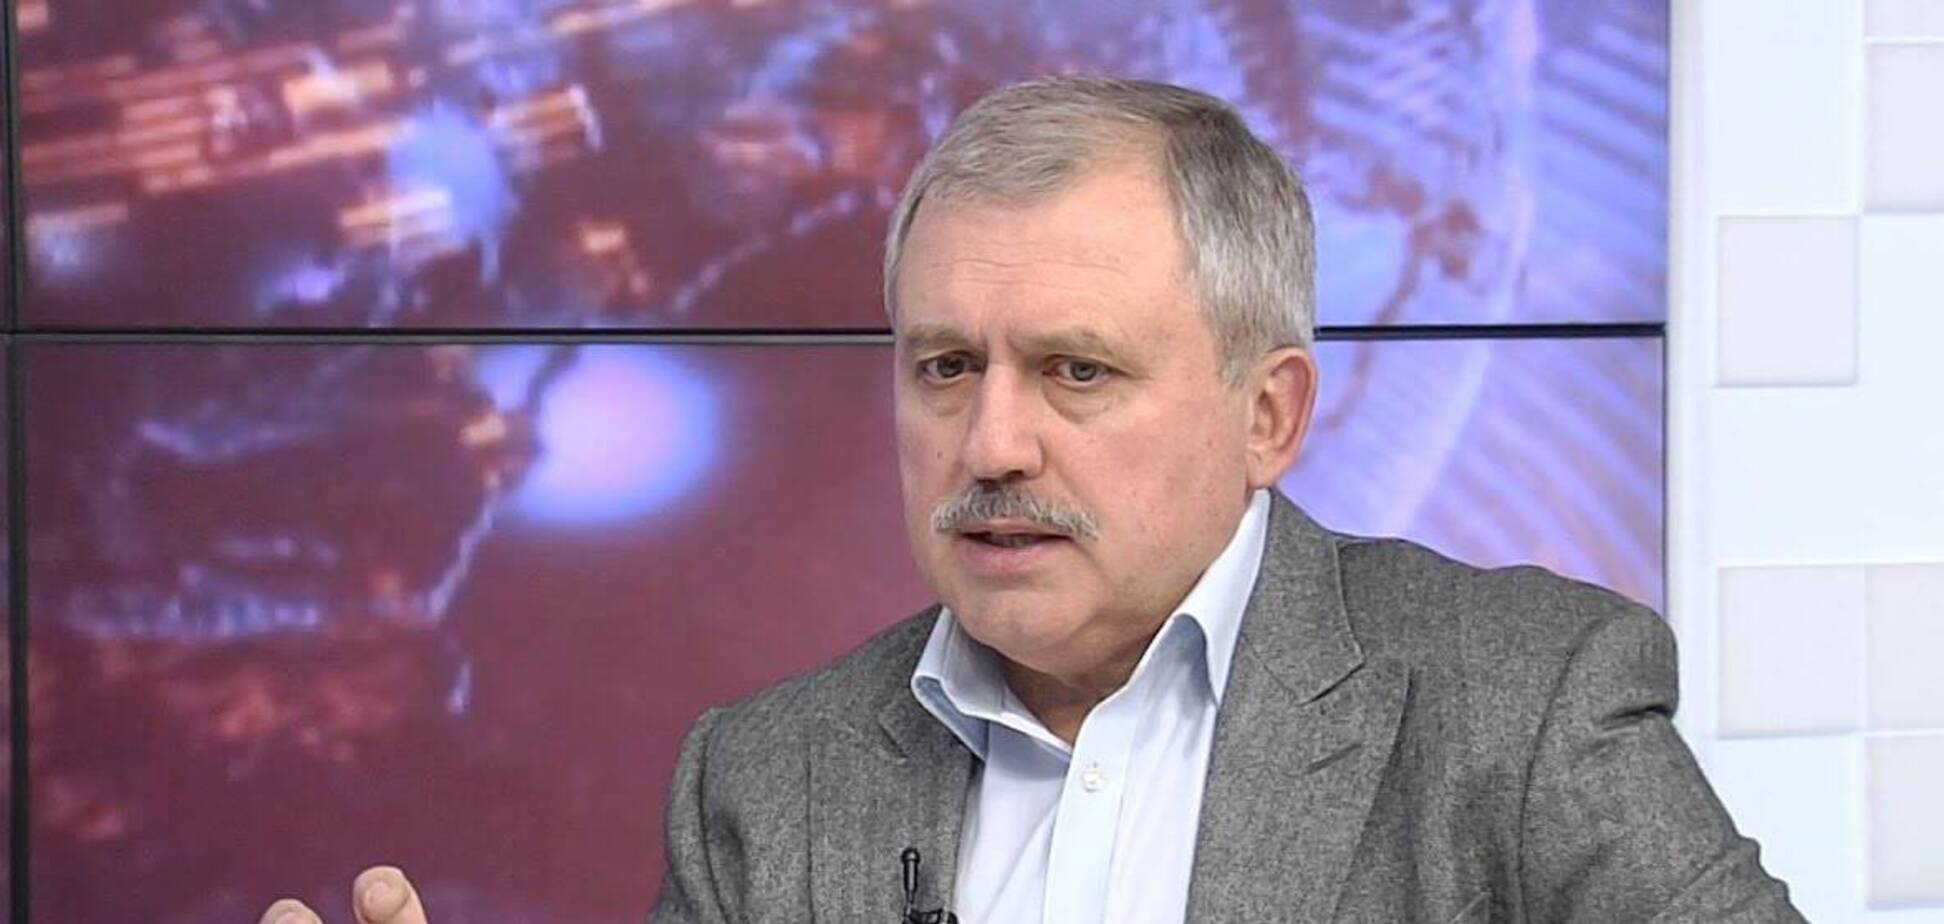 Украина должна представить Европе собственный план реинтерграции Донбасса, а не 'путинский', – Сенченко